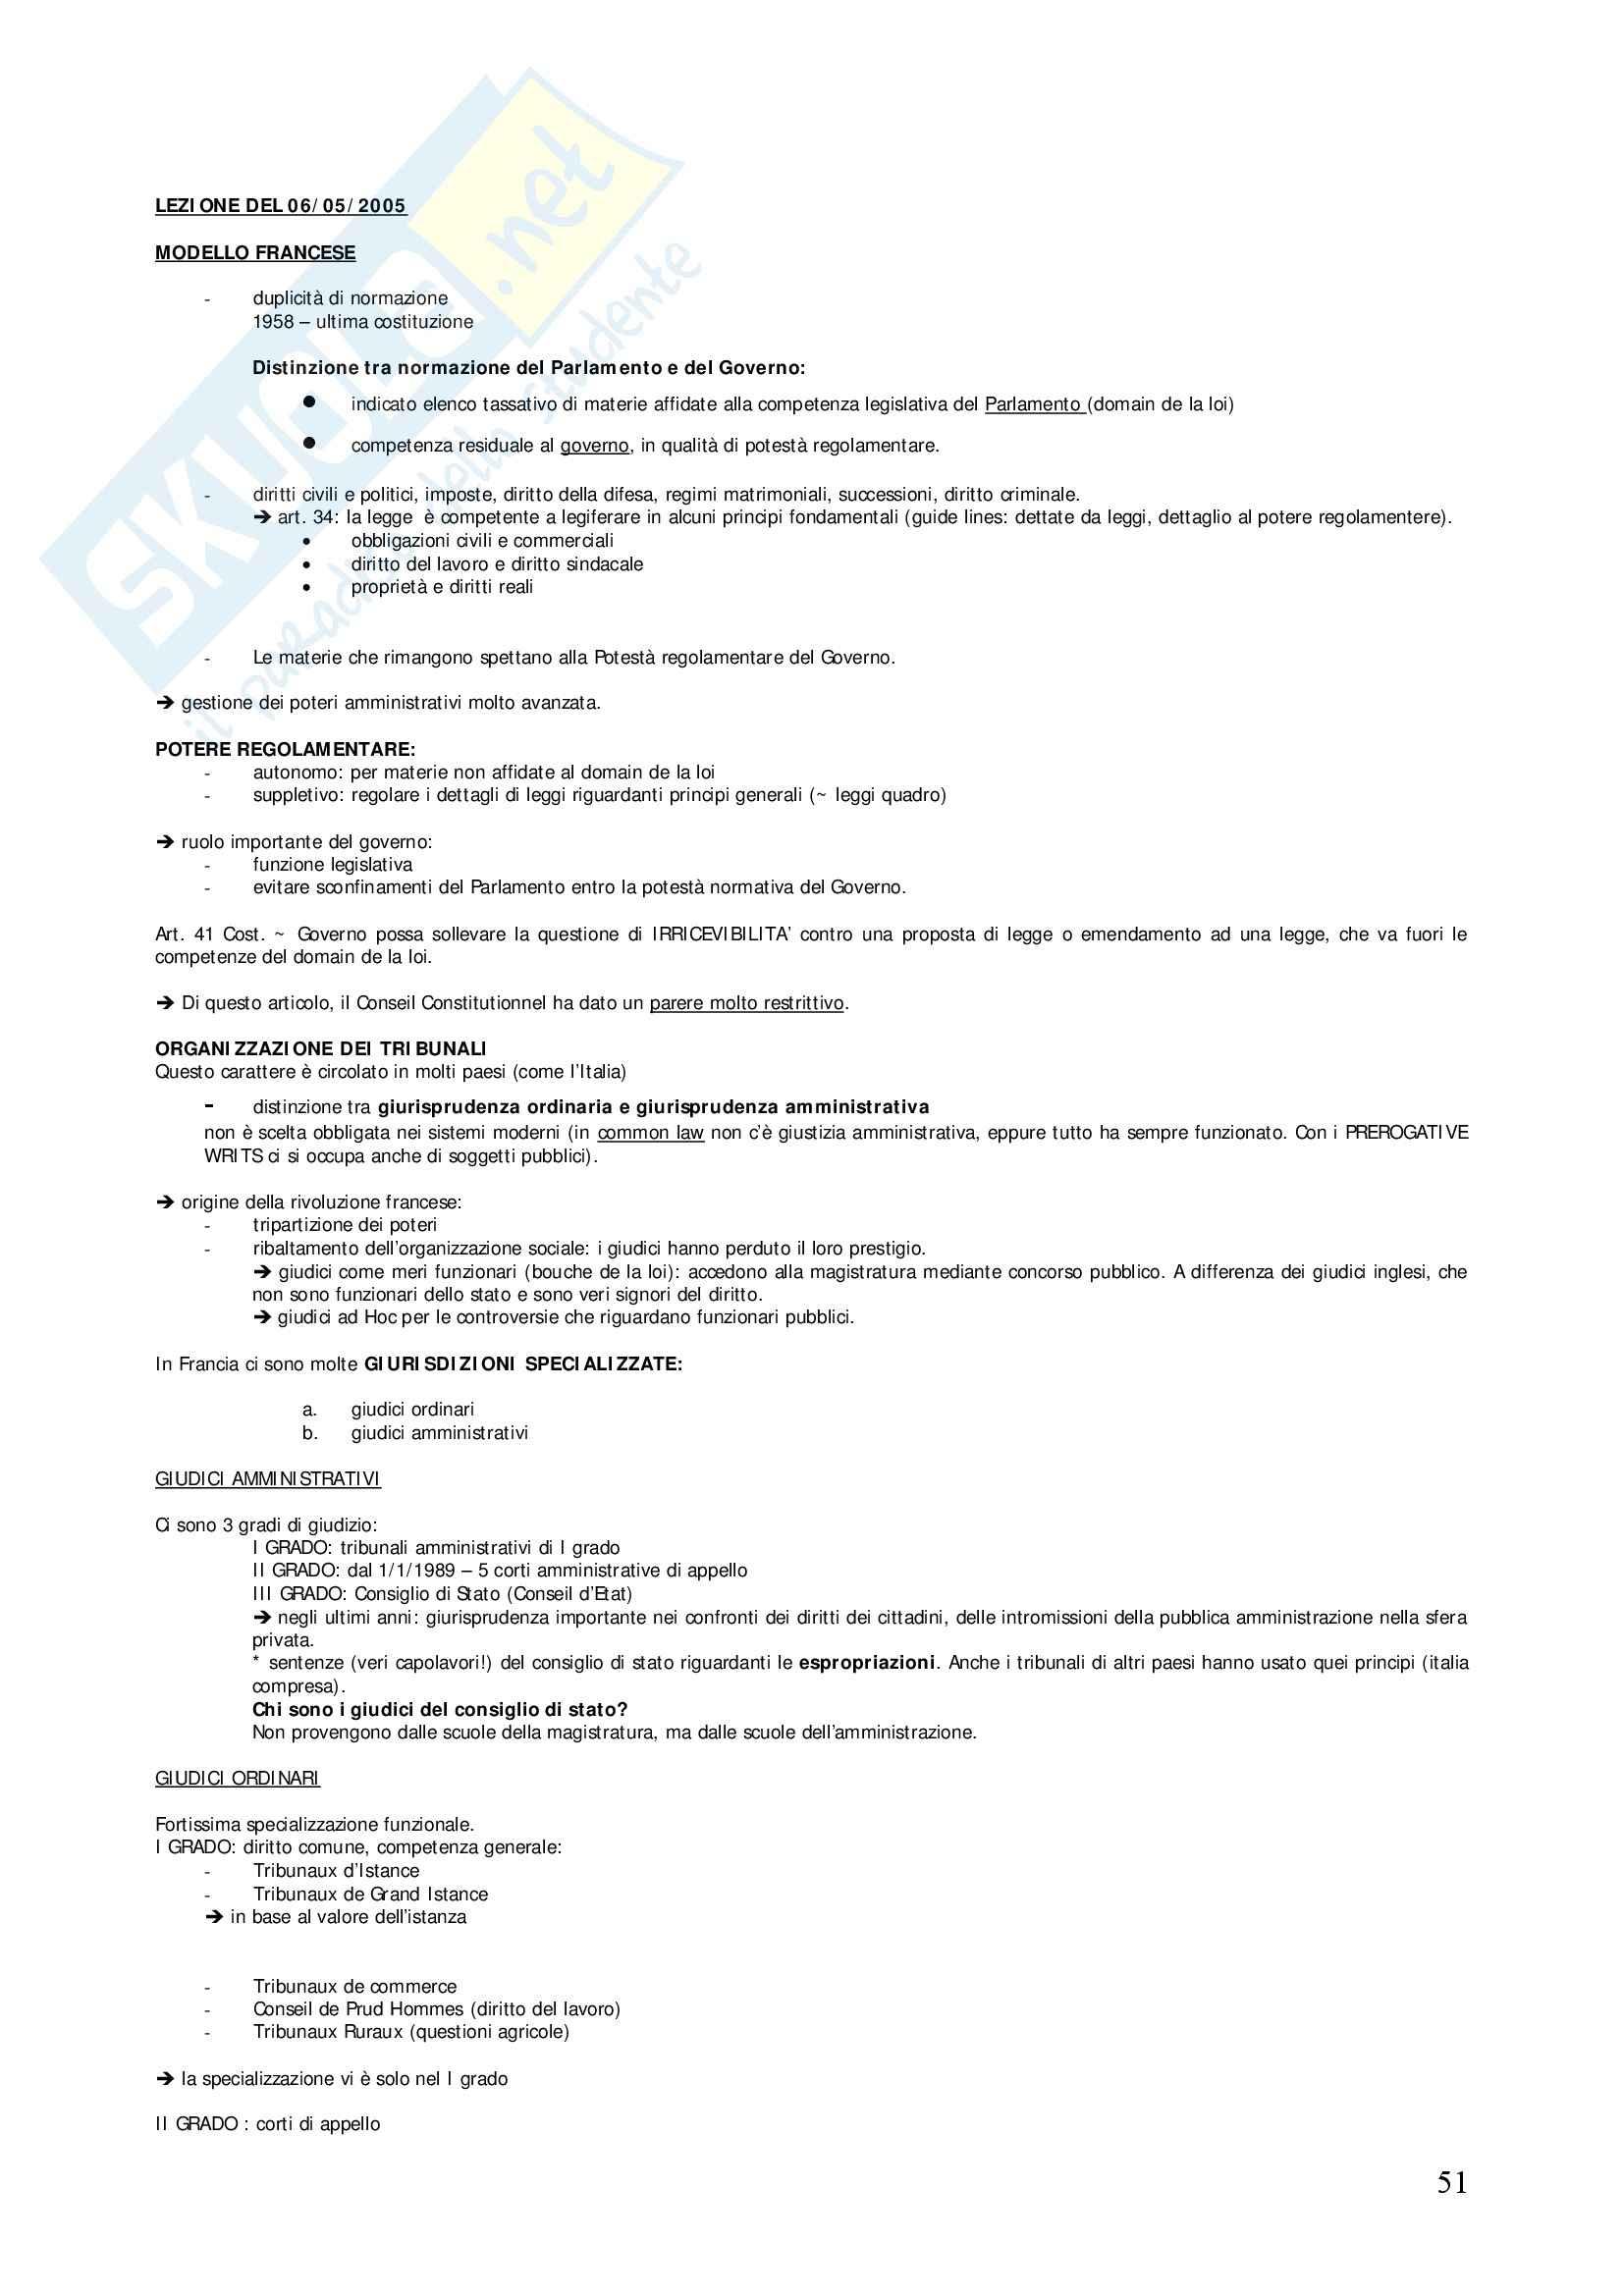 Diritto privato comparato - Appunti Pag. 51